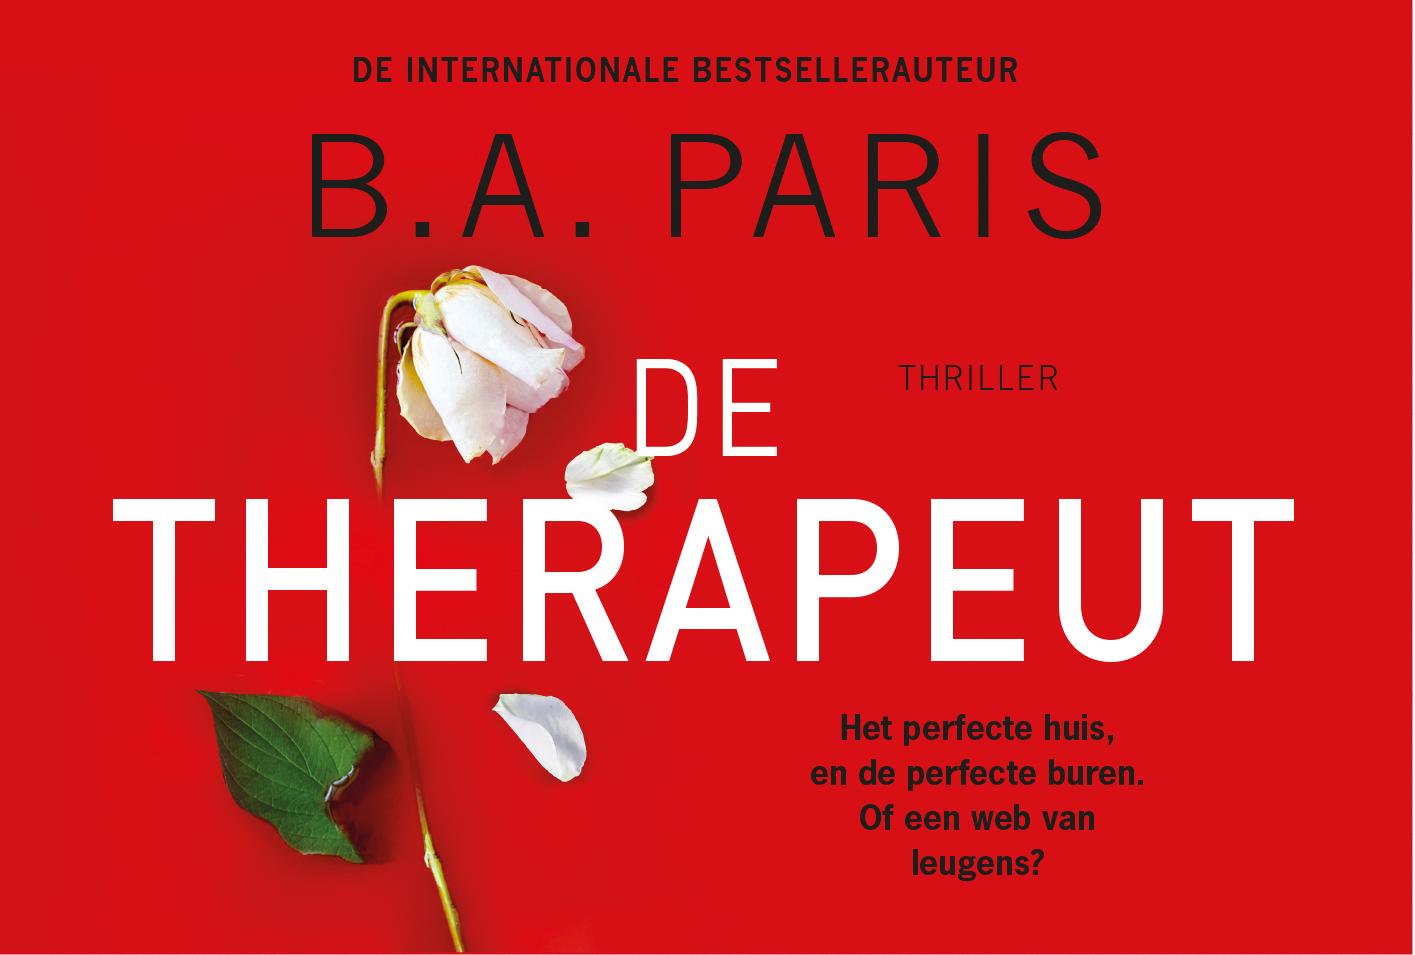 B.A. Paris,De therapeut